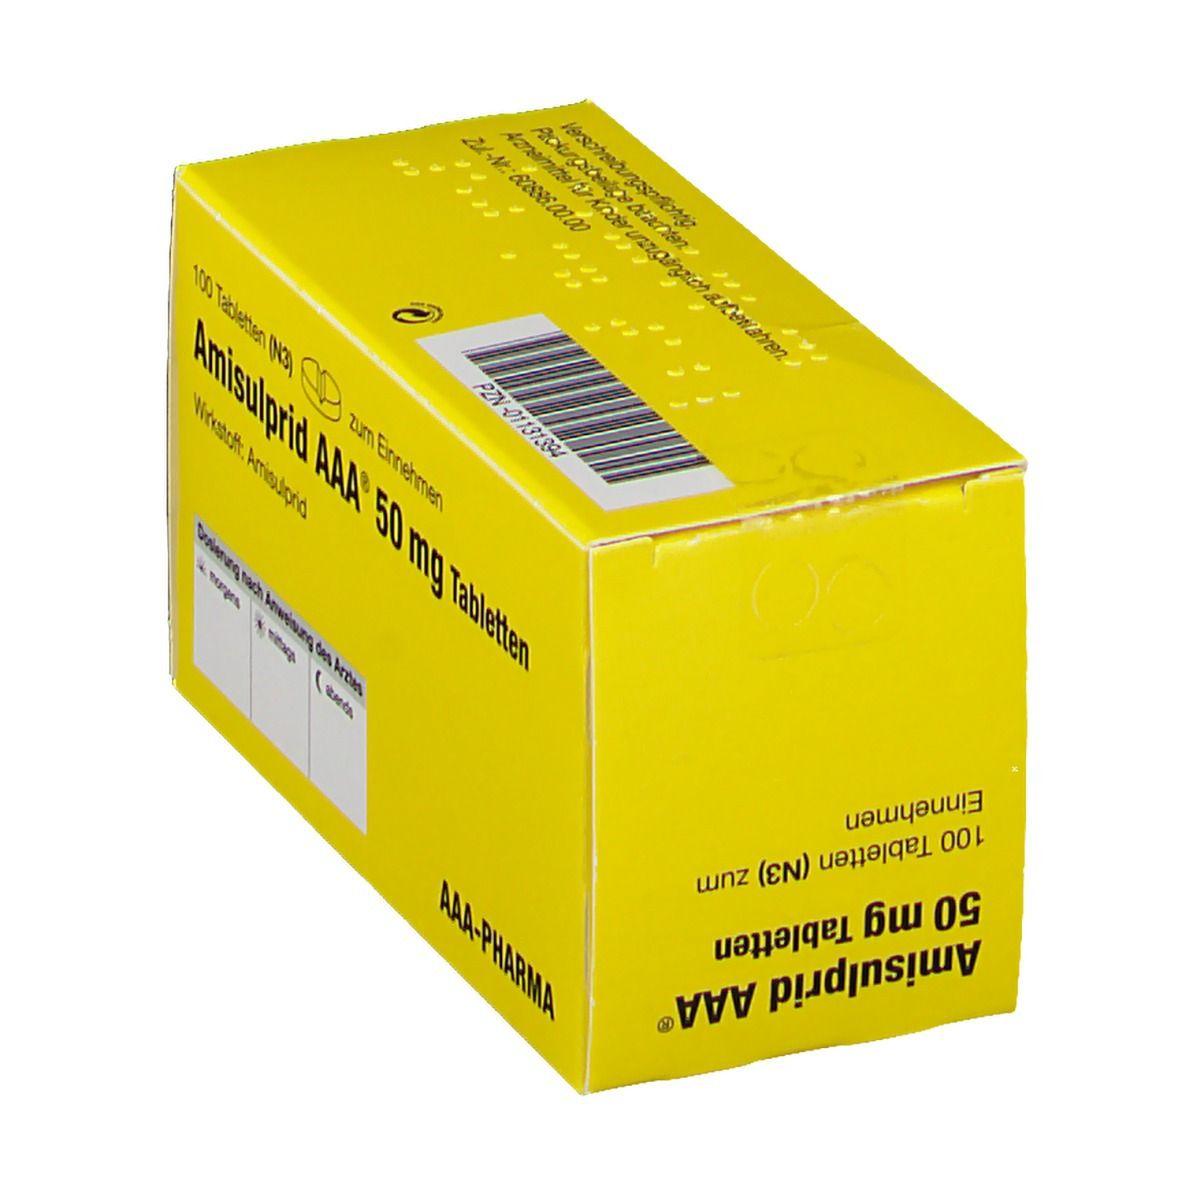 Amisulprid AAA Pharma 50 mg Tabletten